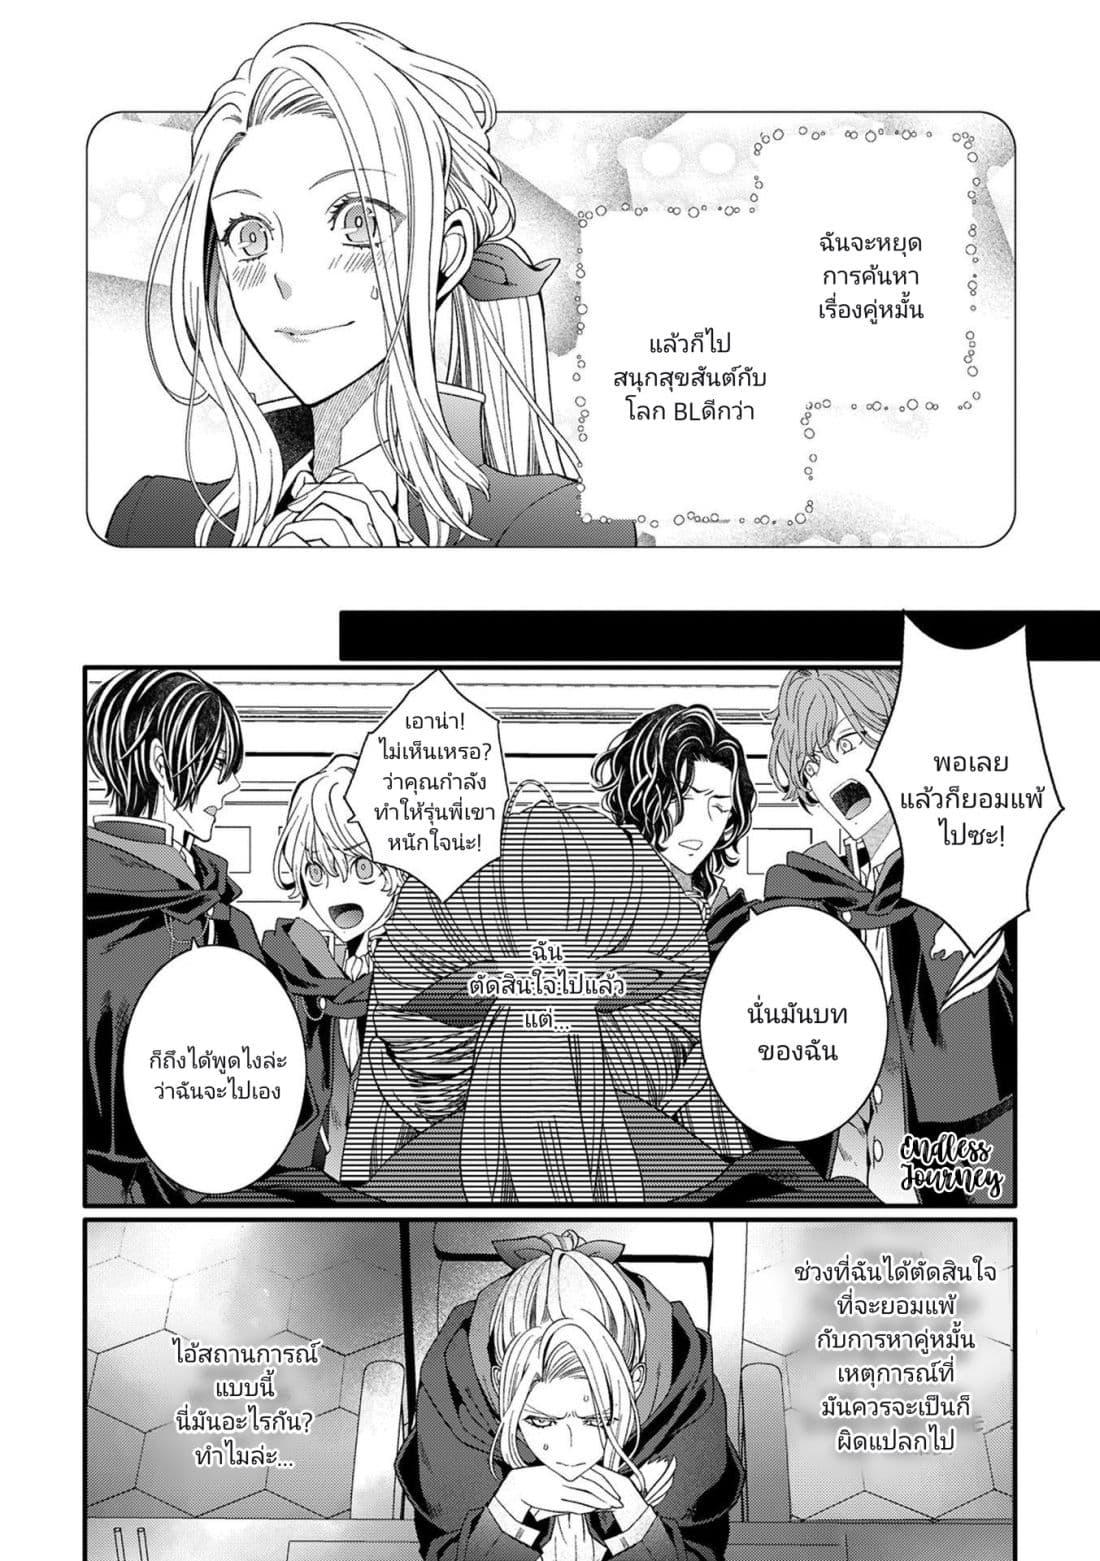 อ่านการ์ตูน The Reincarnated Cross Dressing Princess Cannot Find a Marriage Partner ตอนที่ 1 หน้าที่ 18